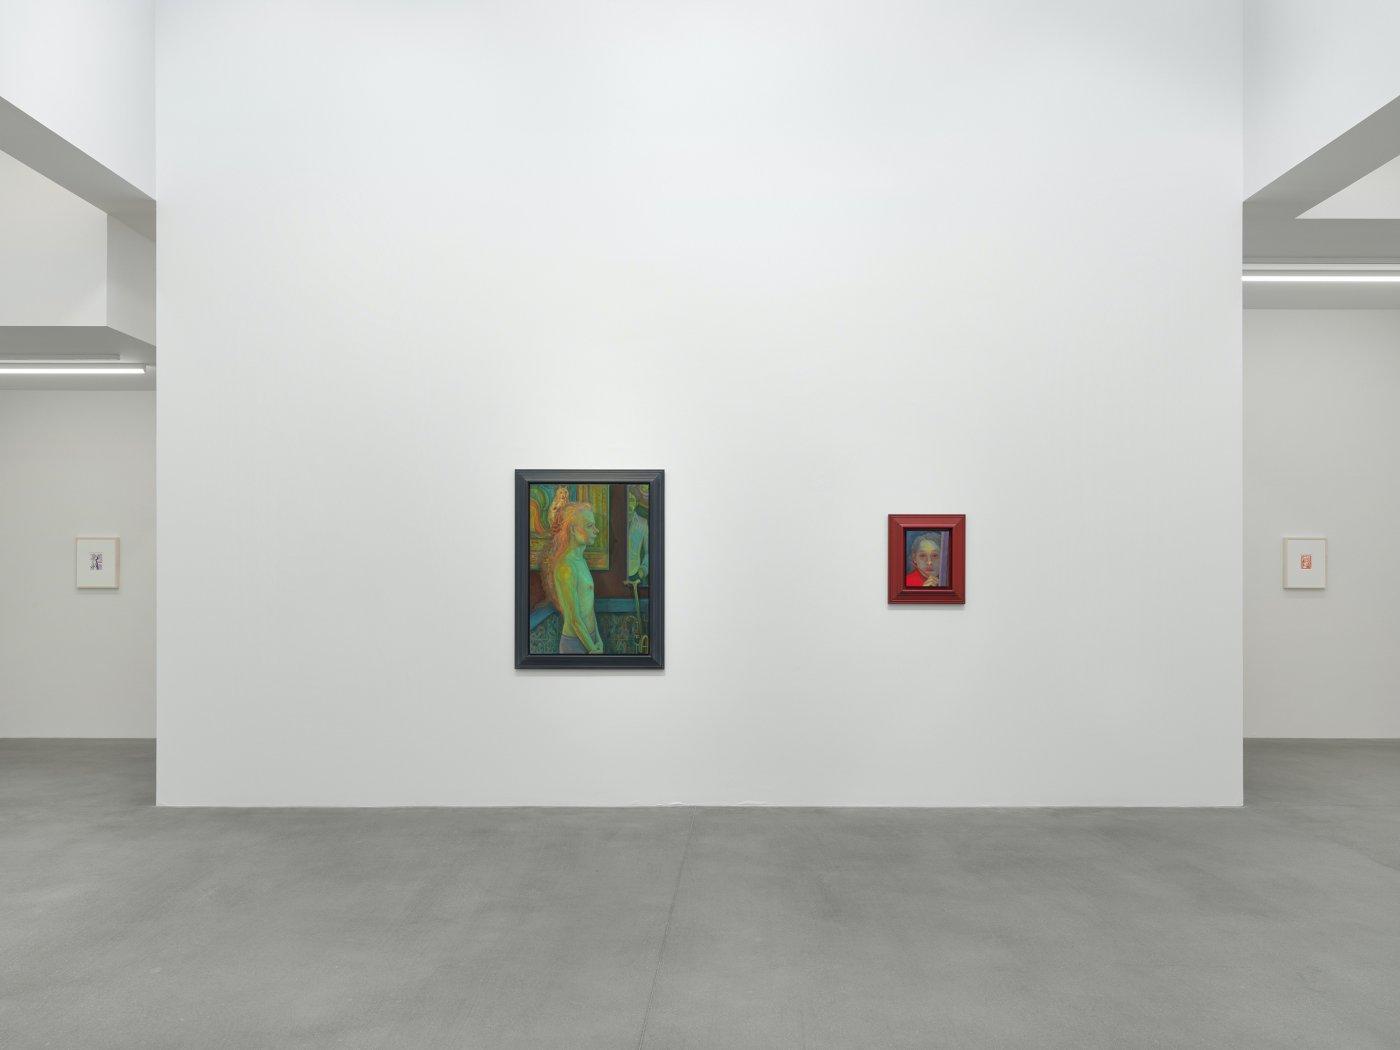 Galerie Eva Presenhuber Waldmannstrasse Steven Shearer 2